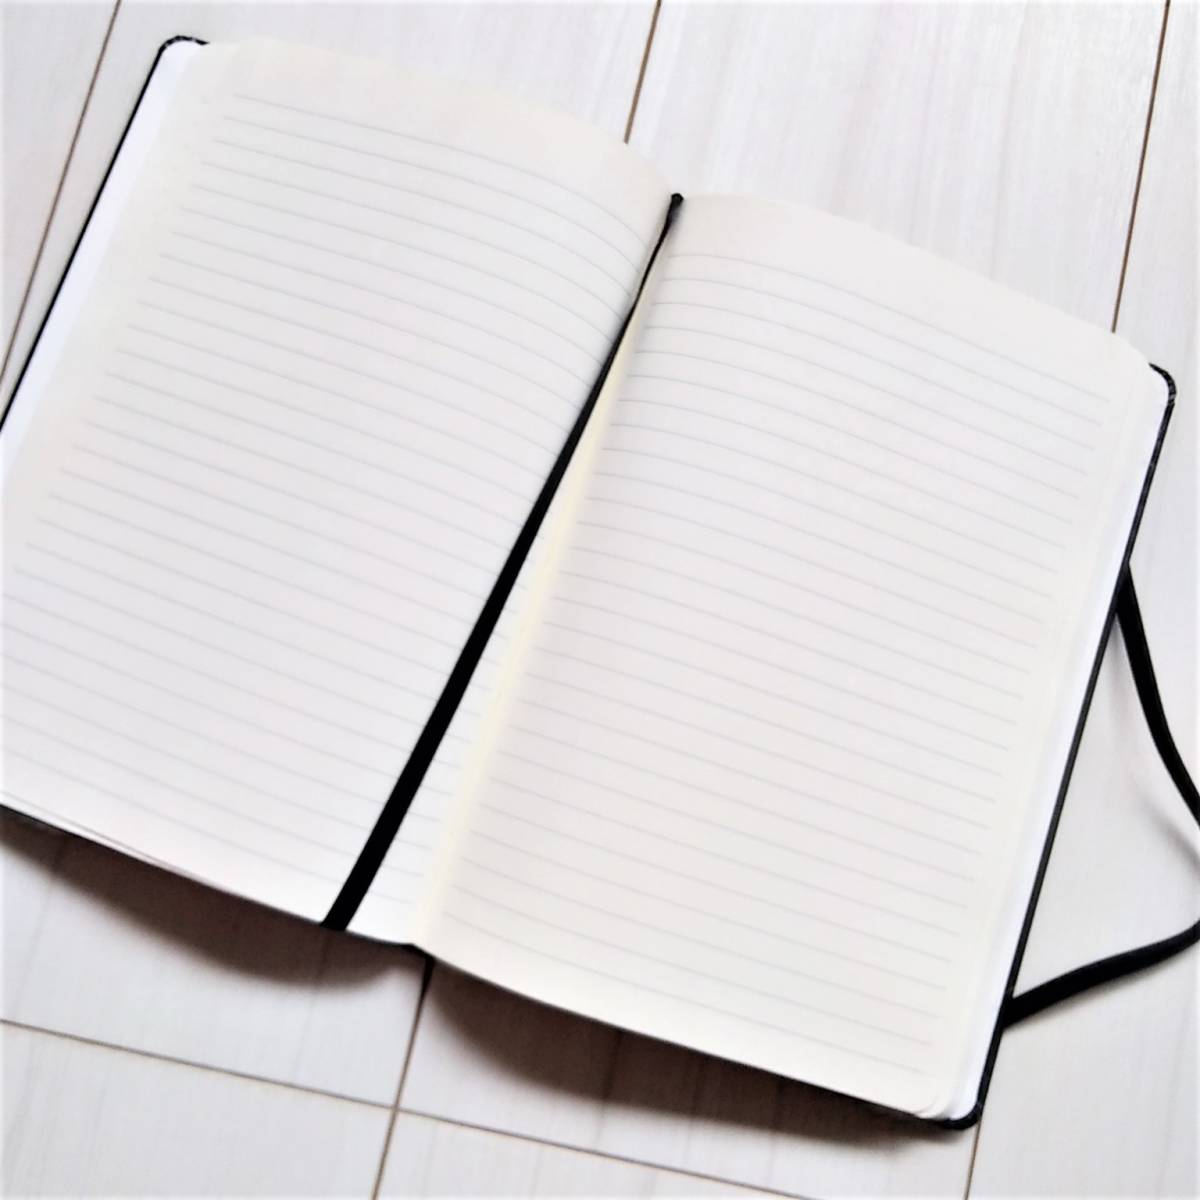 新品★モレスキンノートを含む A5 バンド付きノート3冊&ペン1本セット_画像6